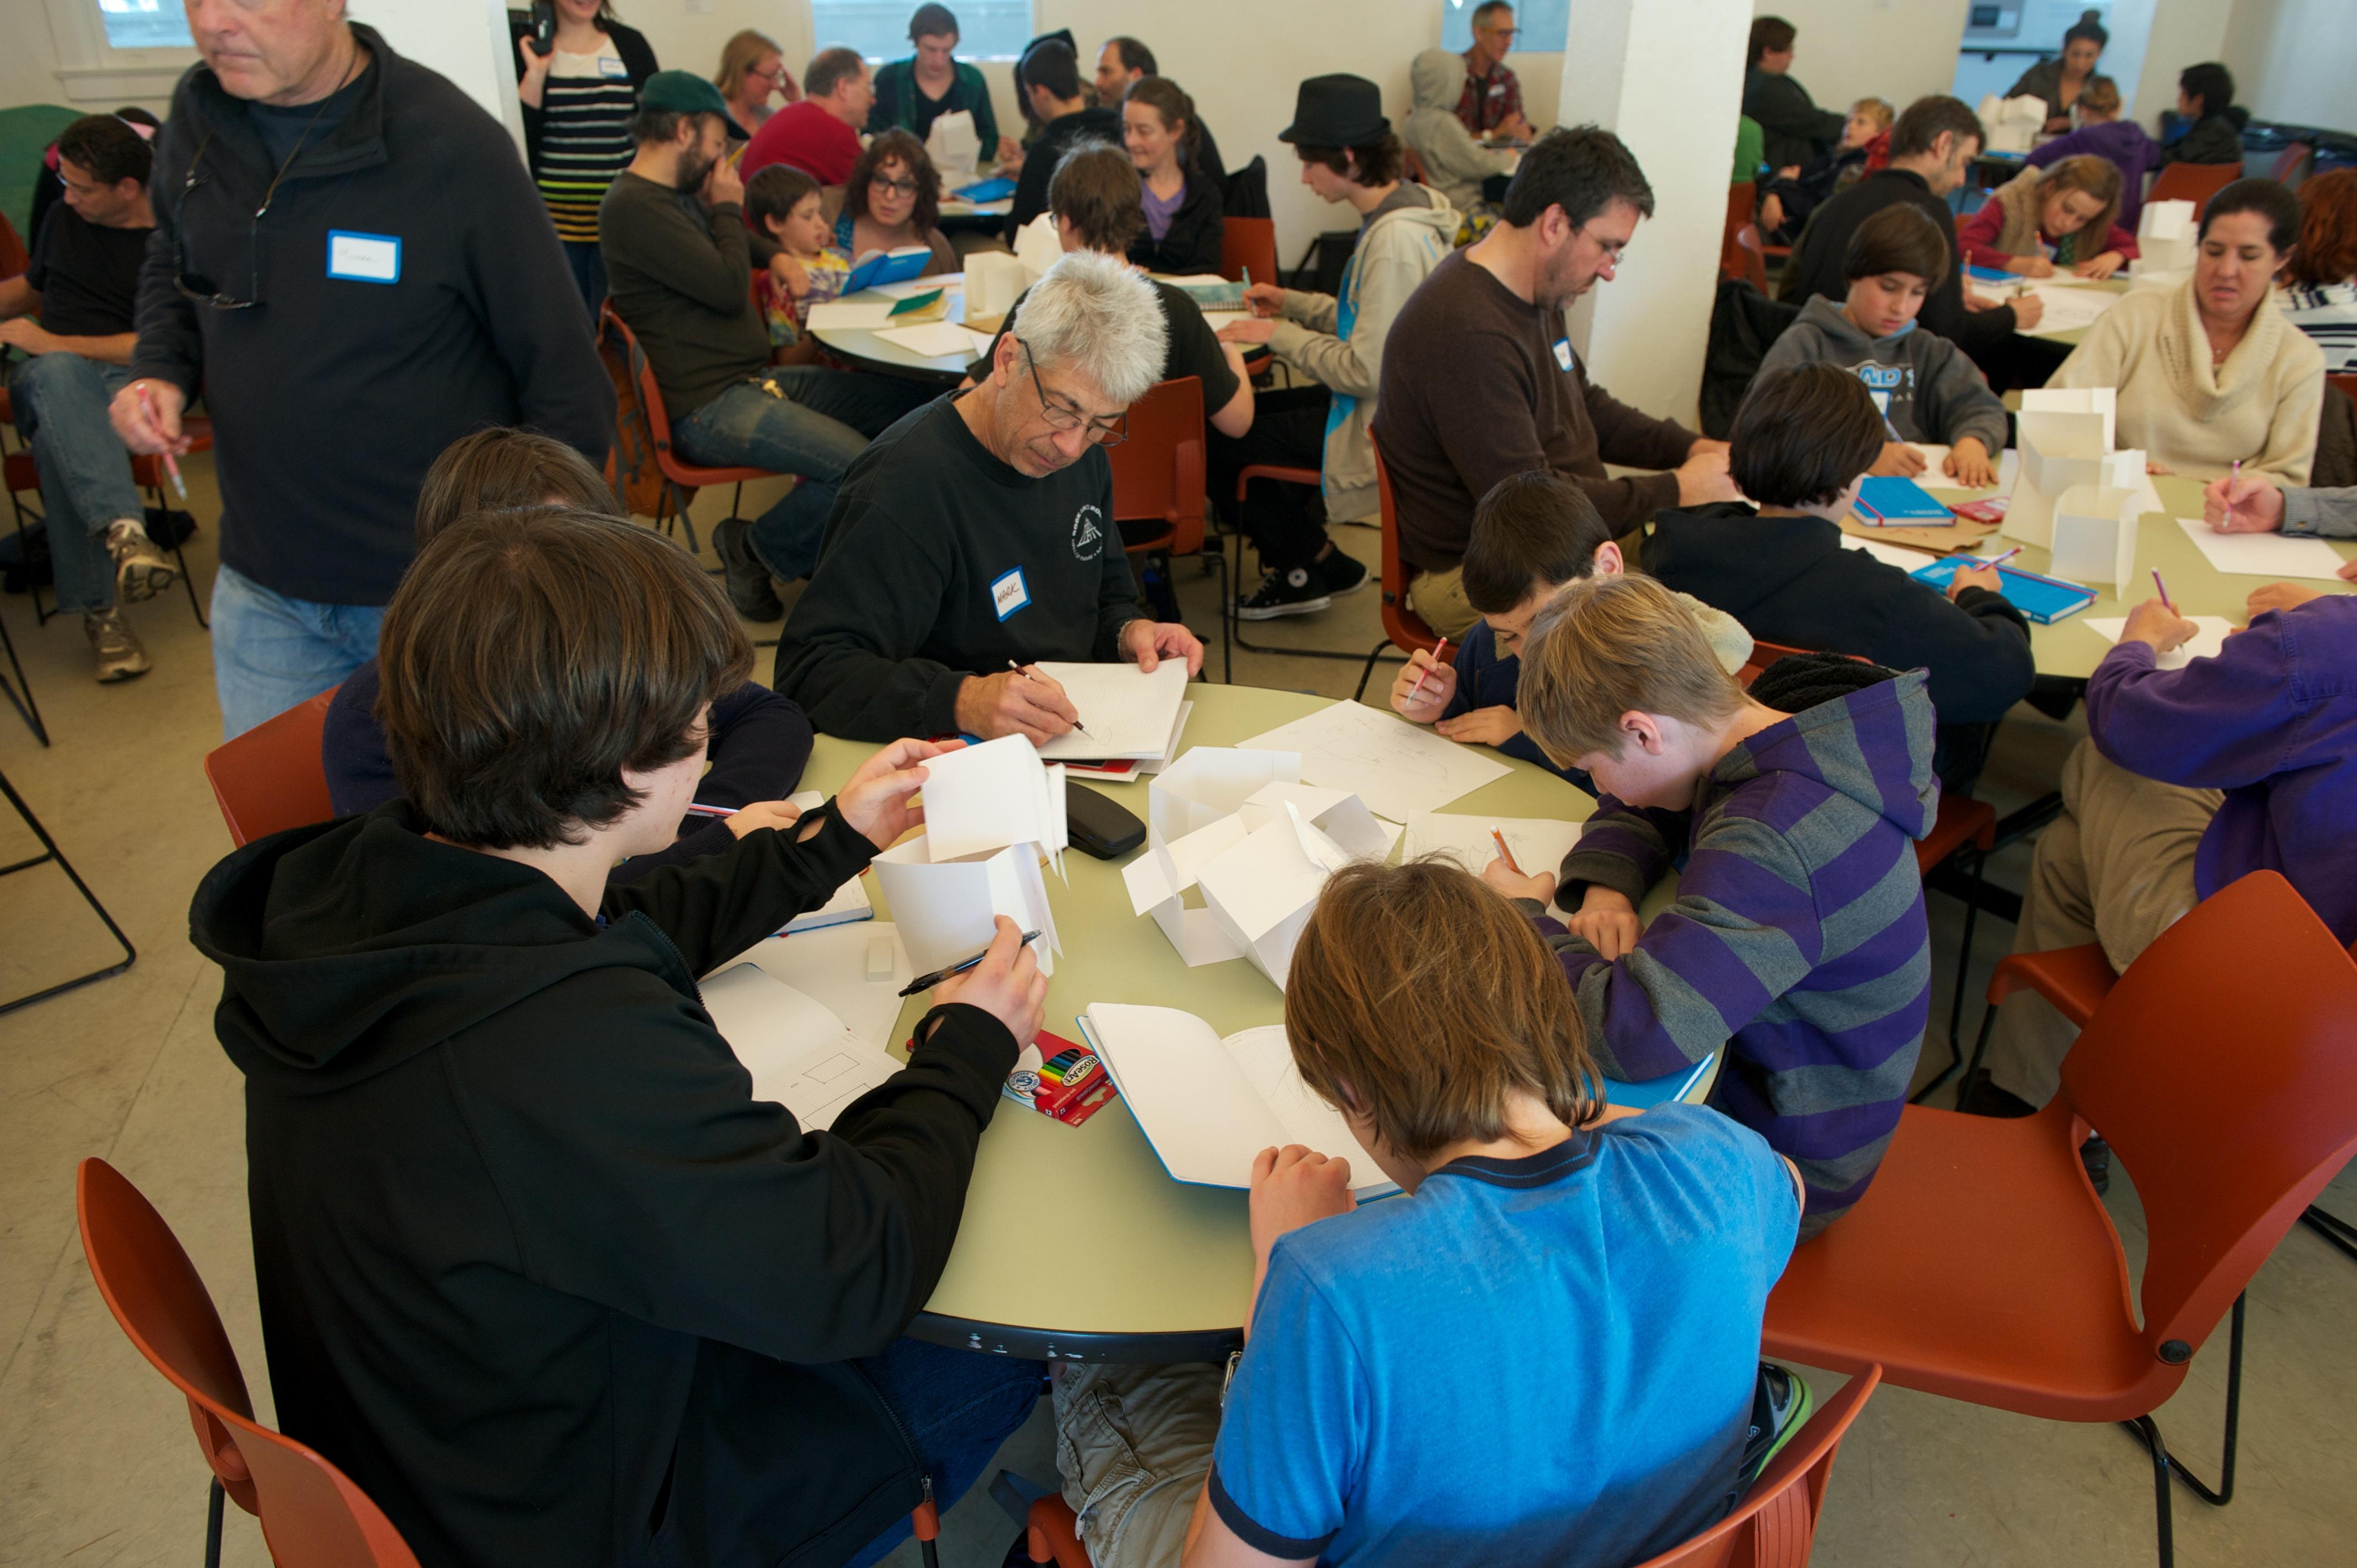 Sketching workshop